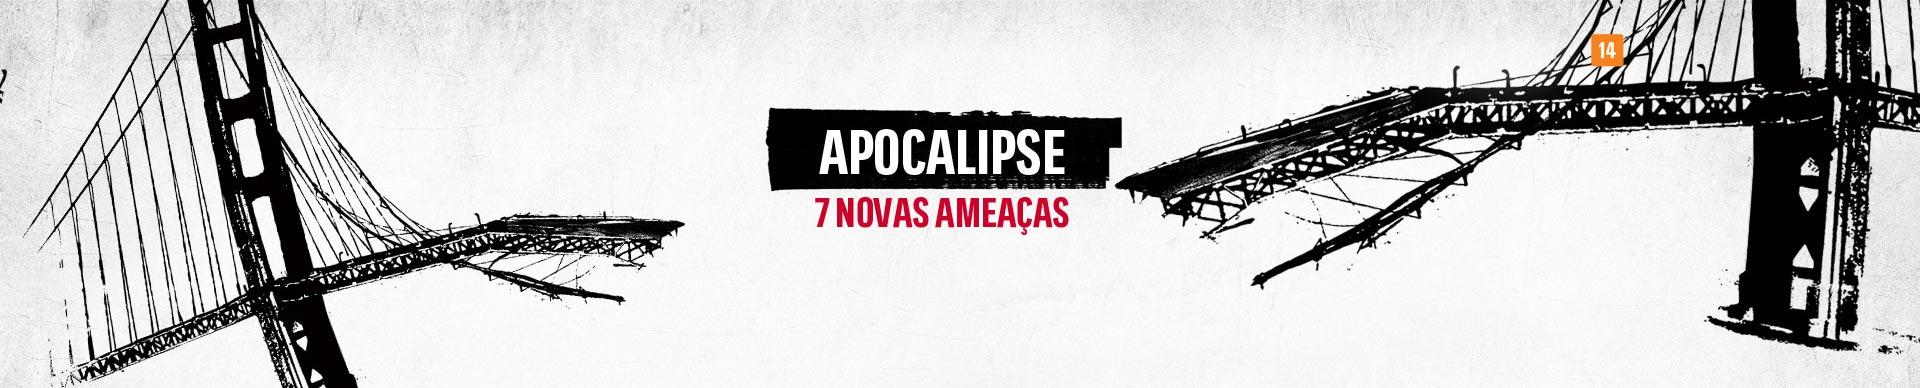 APOCALIPSE: 7 NOVAS AMEAÇAS